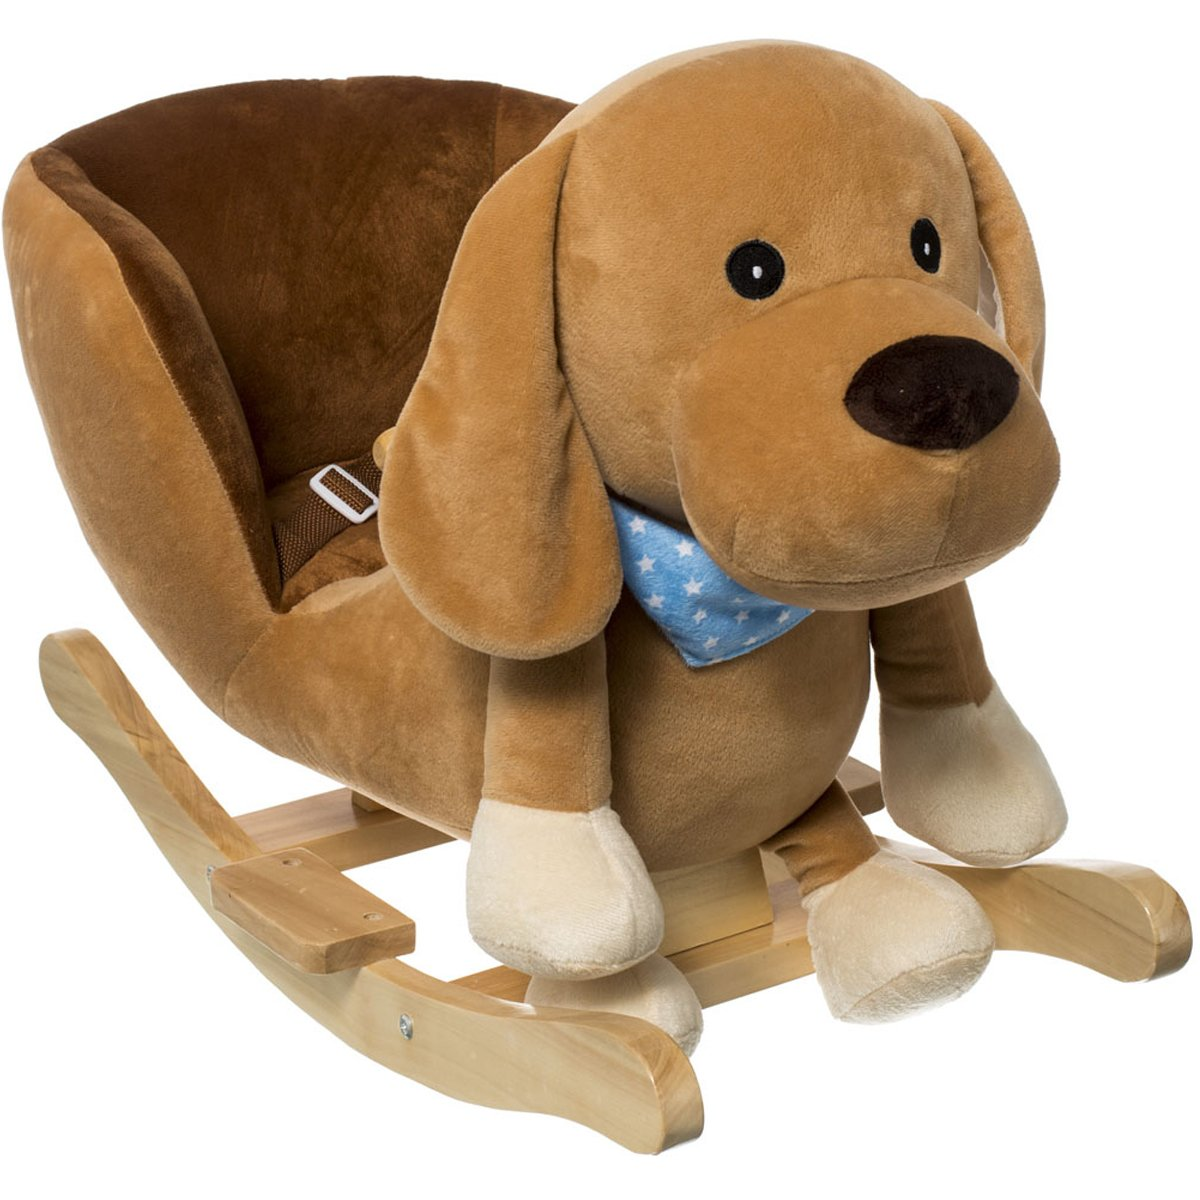 Schaukeltier Hund, mit Sicherheitsgurt, Plüsch, braun, ab 9 Mon. • Baby Schaukel Schaukelpferd Plüsch Tier Hund Holz Wippe